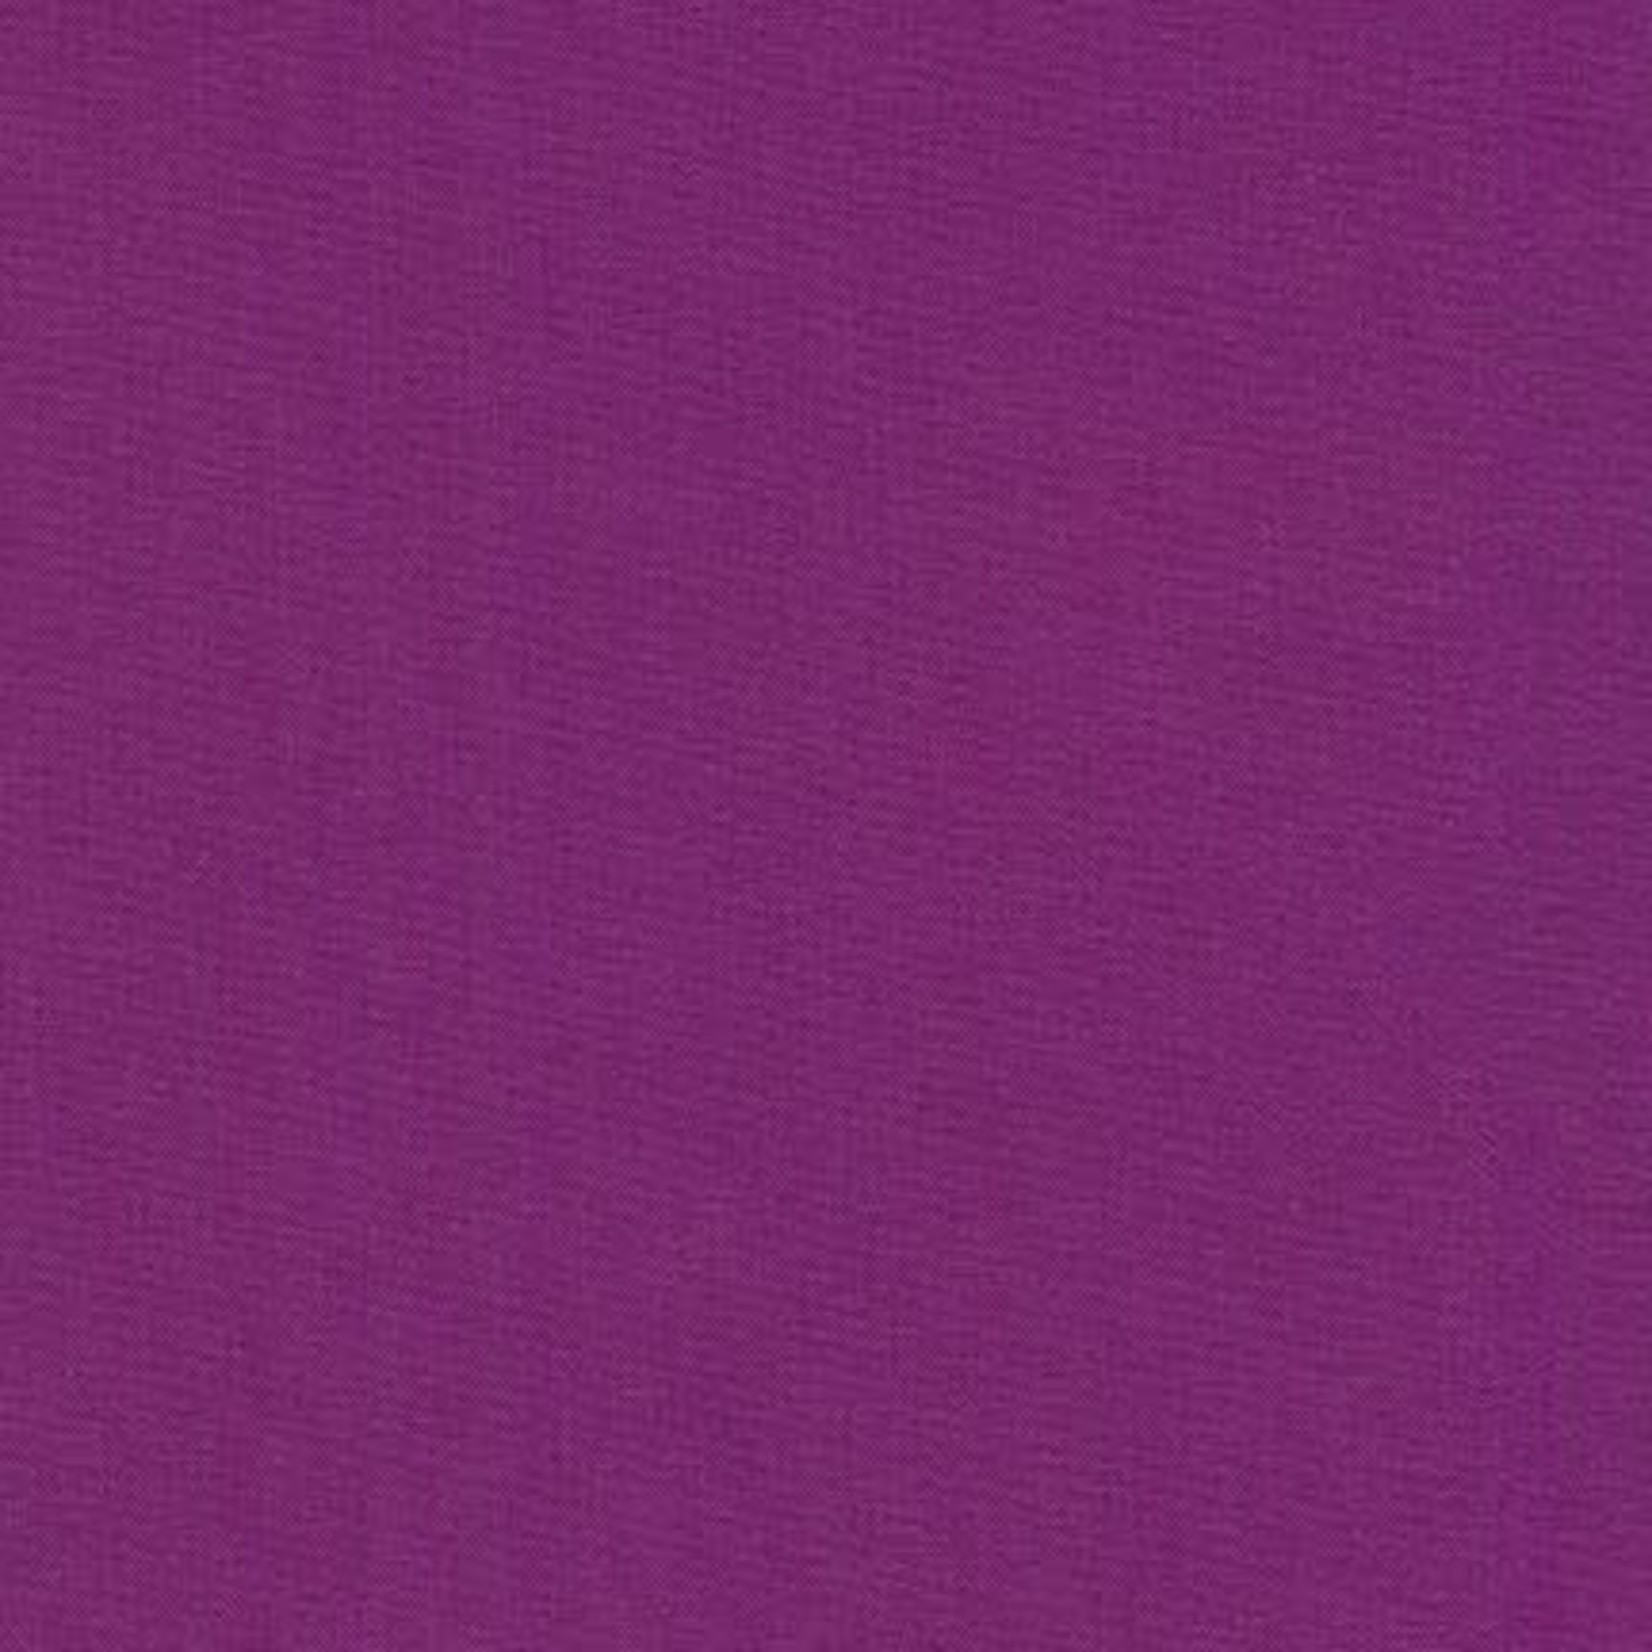 Kona KONA  K001-1485 DK. VIOLET, PER CM OR $14/M